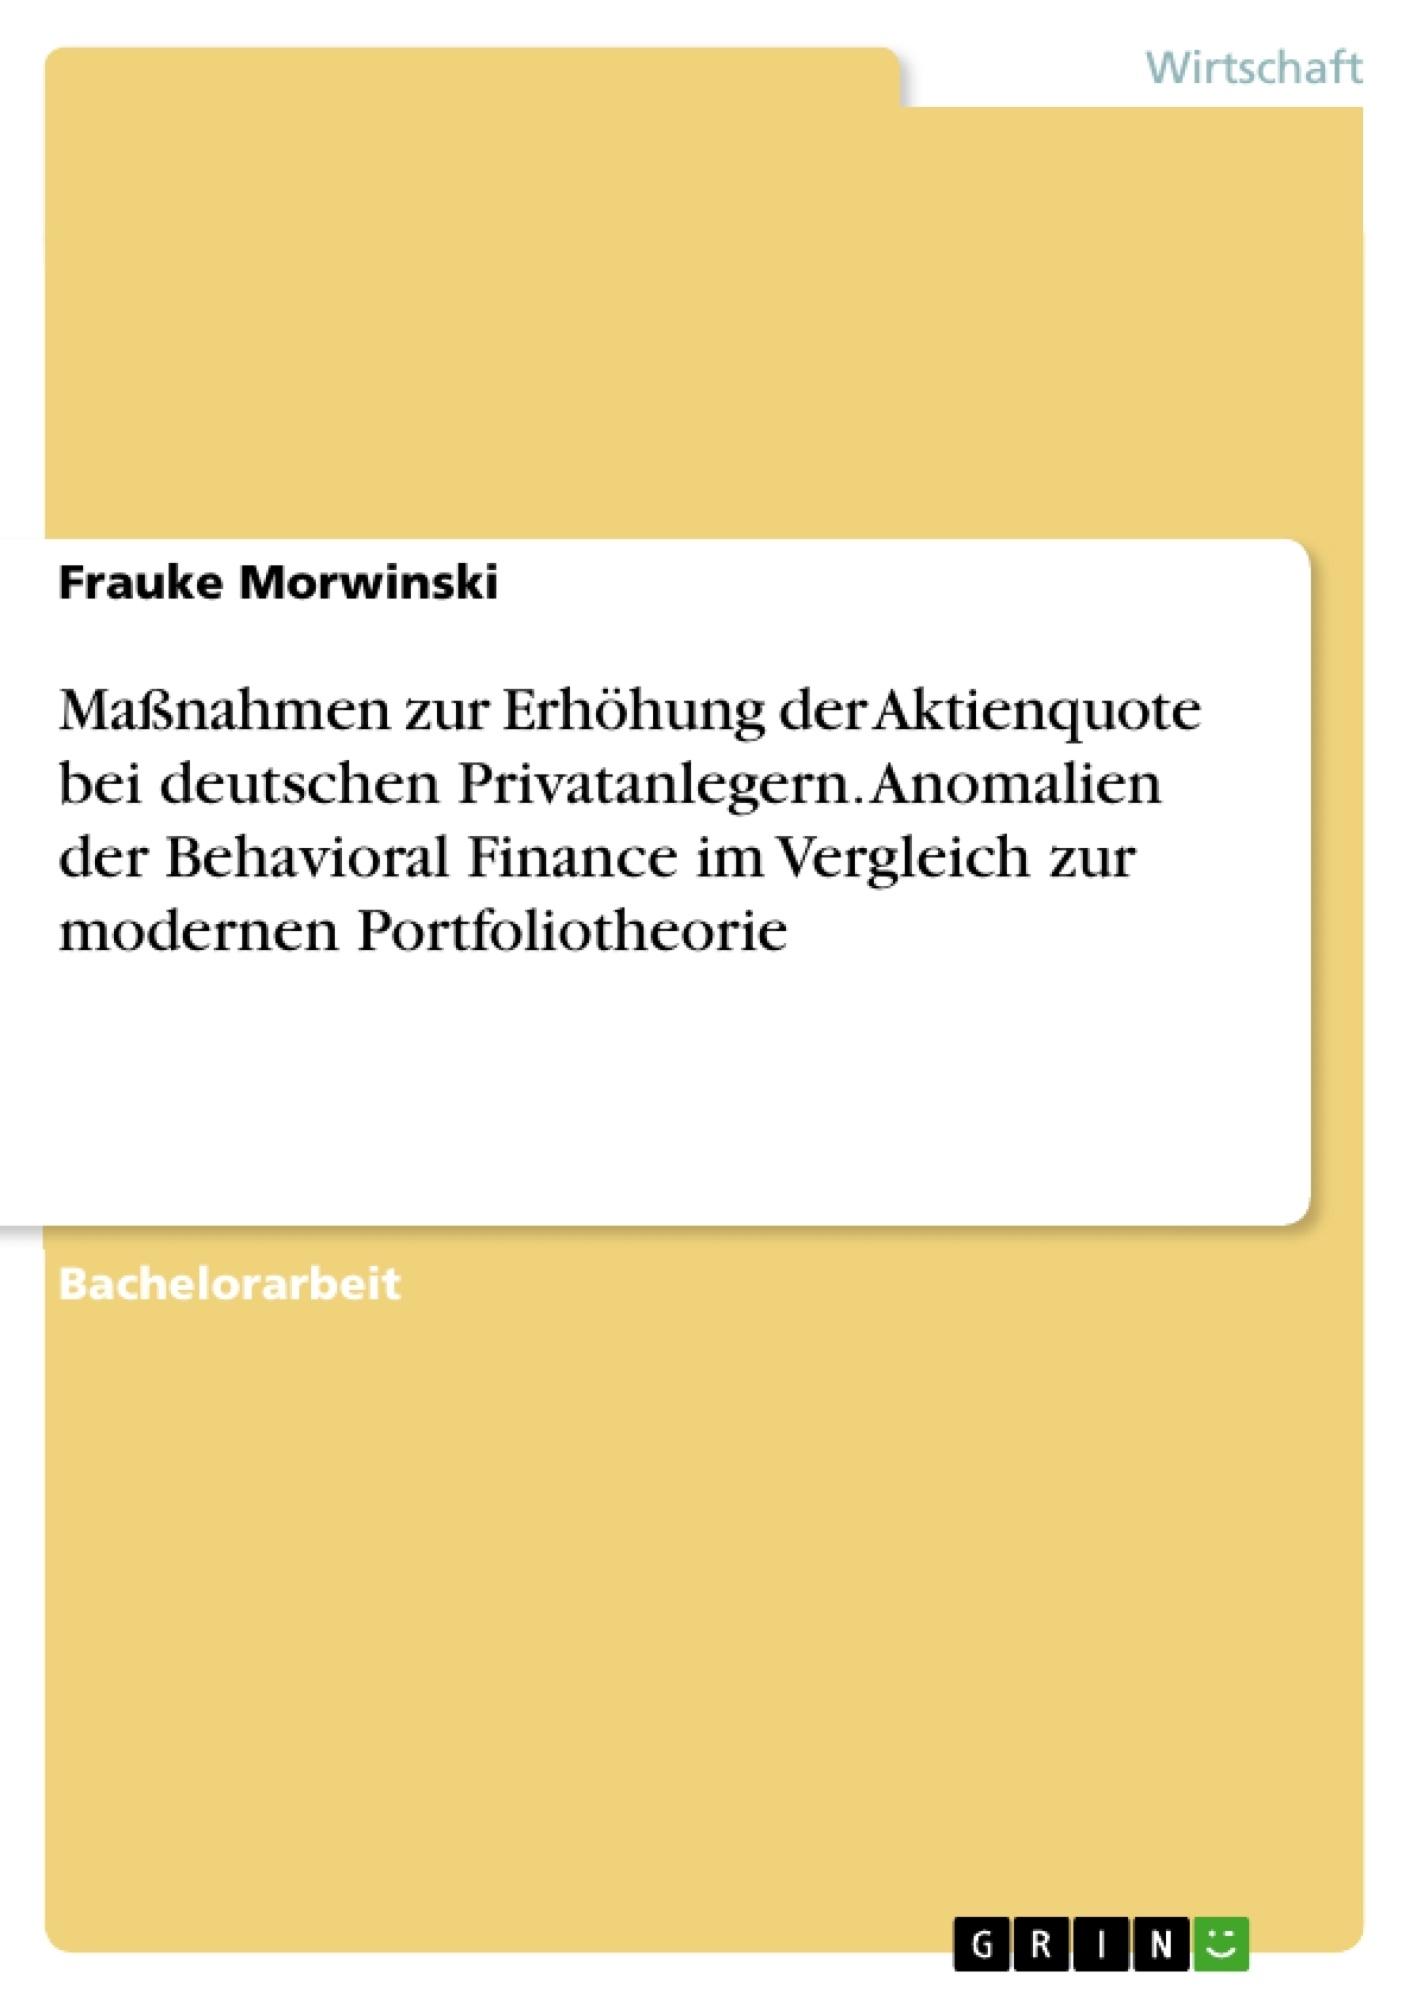 Titel: Maßnahmen zur Erhöhung der Aktienquote bei deutschen Privatanlegern. Anomalien der Behavioral Finance im Vergleich zur modernen Portfoliotheorie